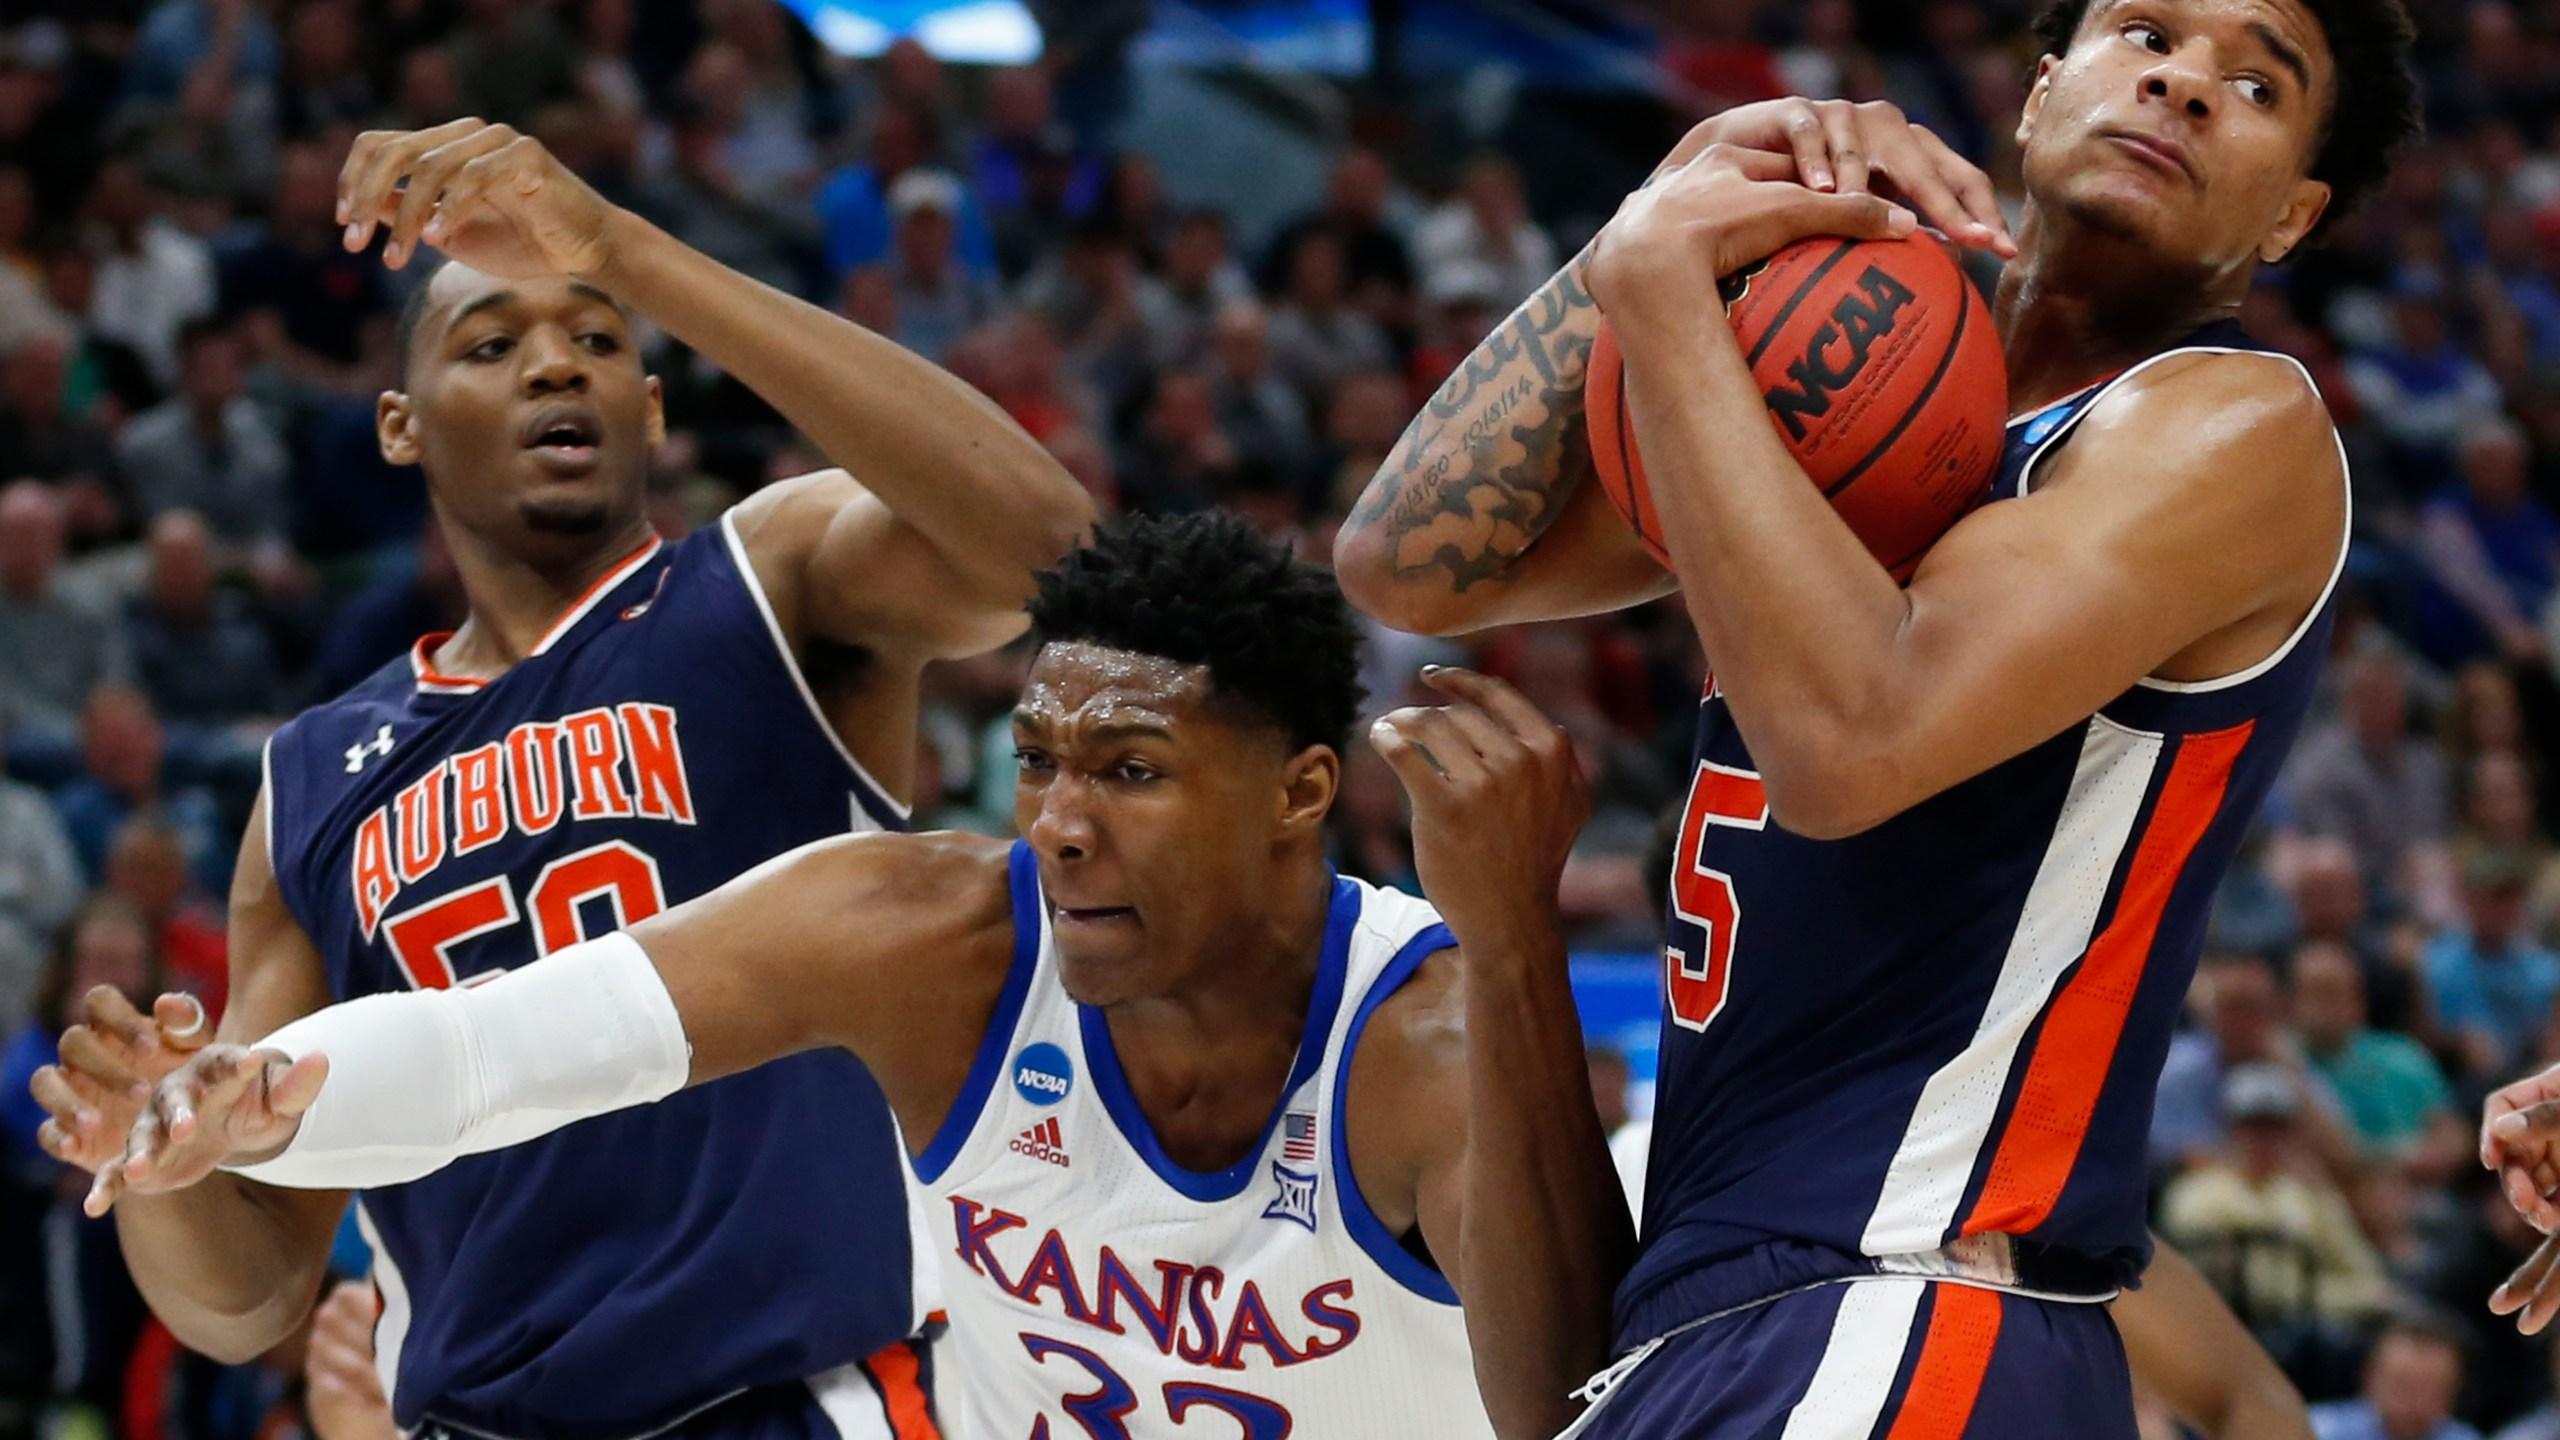 NCAA Auburn Kansas Basketball_1553402067586